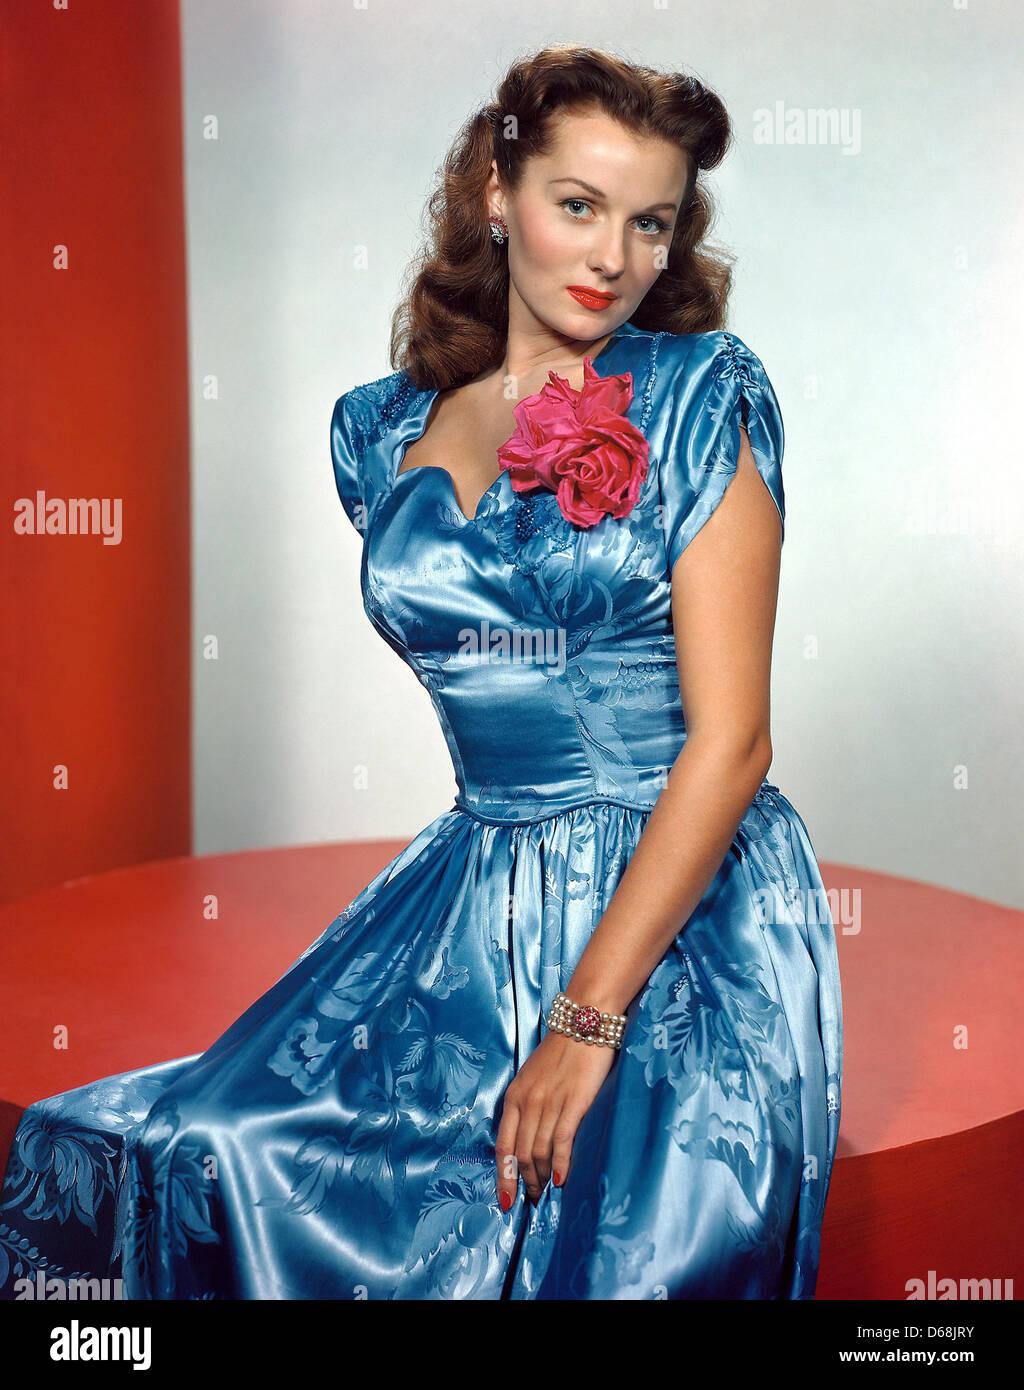 RHONDA FLEMING actrice nous à propos de 1945 Photo Stock